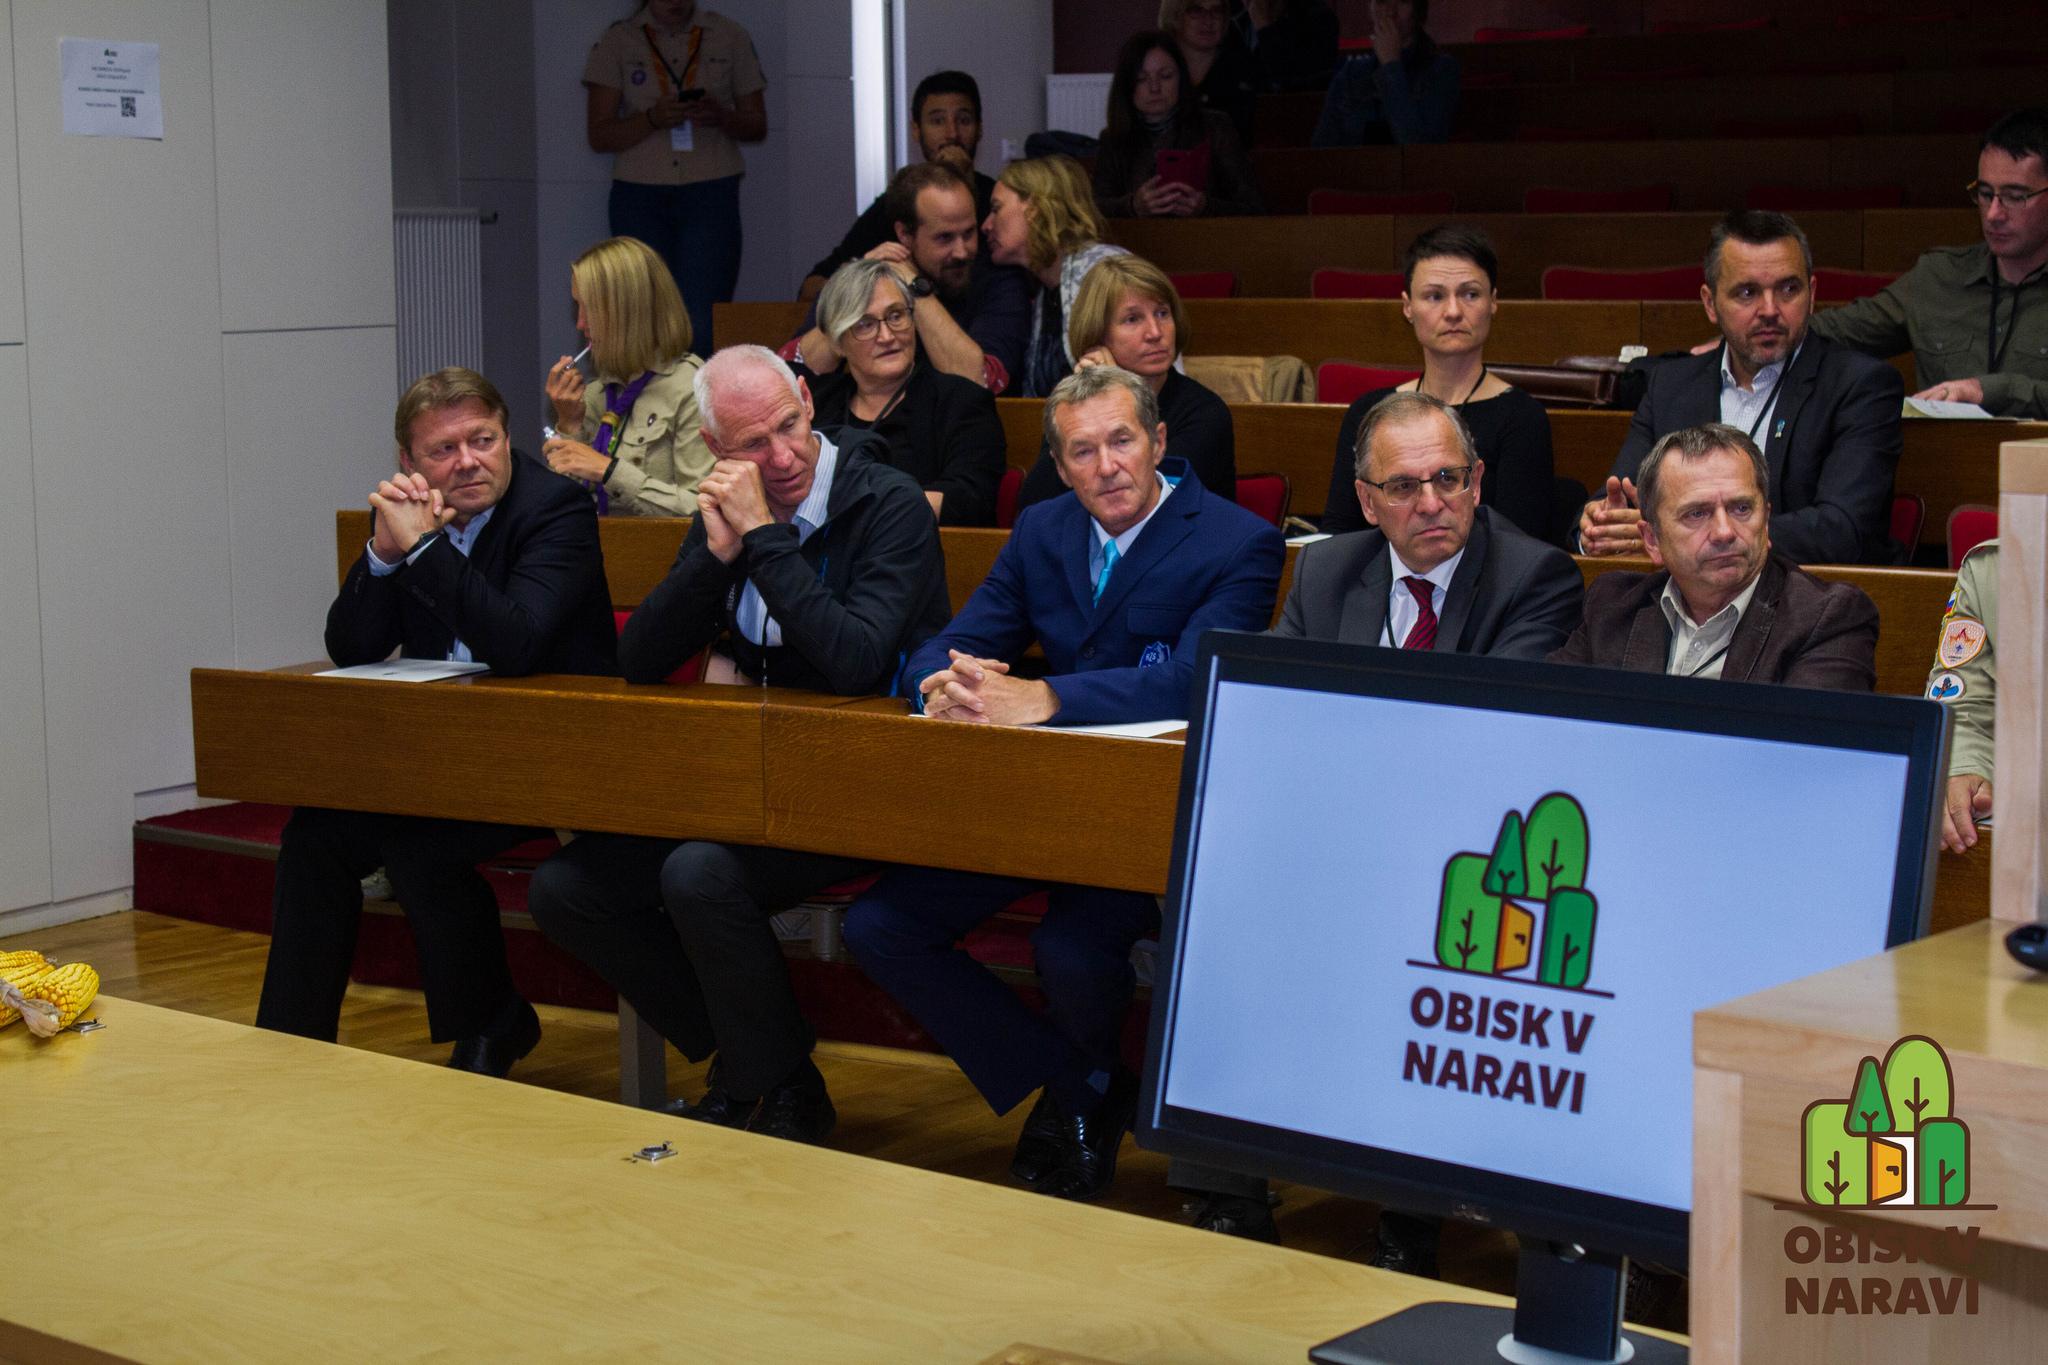 obisk_v_naravi_kodeks_foto_jure_pucnik